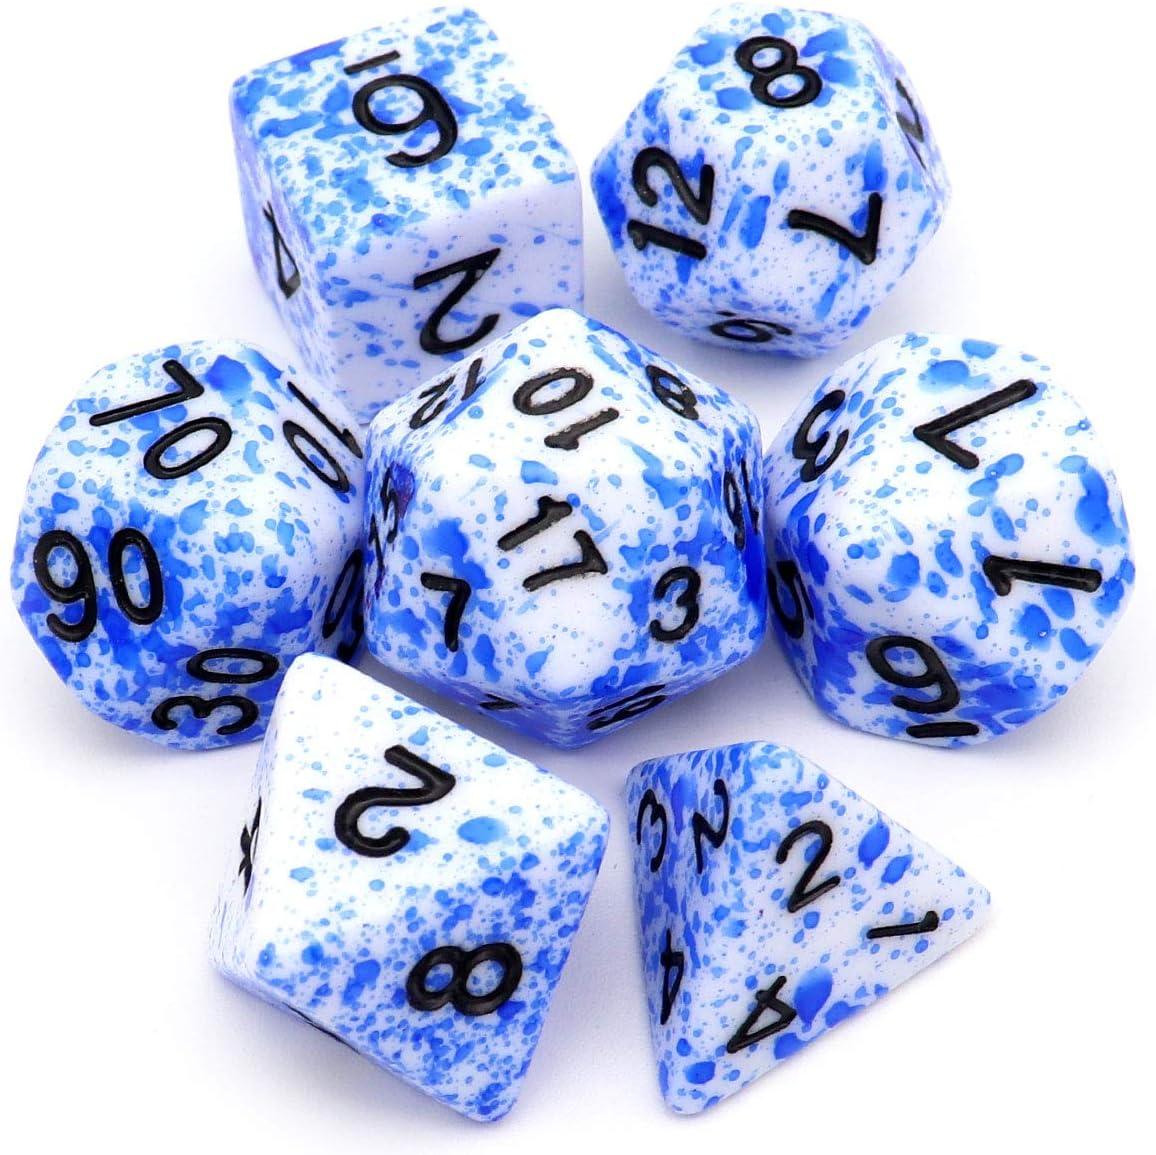 Haxtec DND - Juego de dados (7 piezas, poliedrales D&D, para juegos de dados como mazmorras y dragones), Sangre azul: Amazon.es: Juguetes y juegos